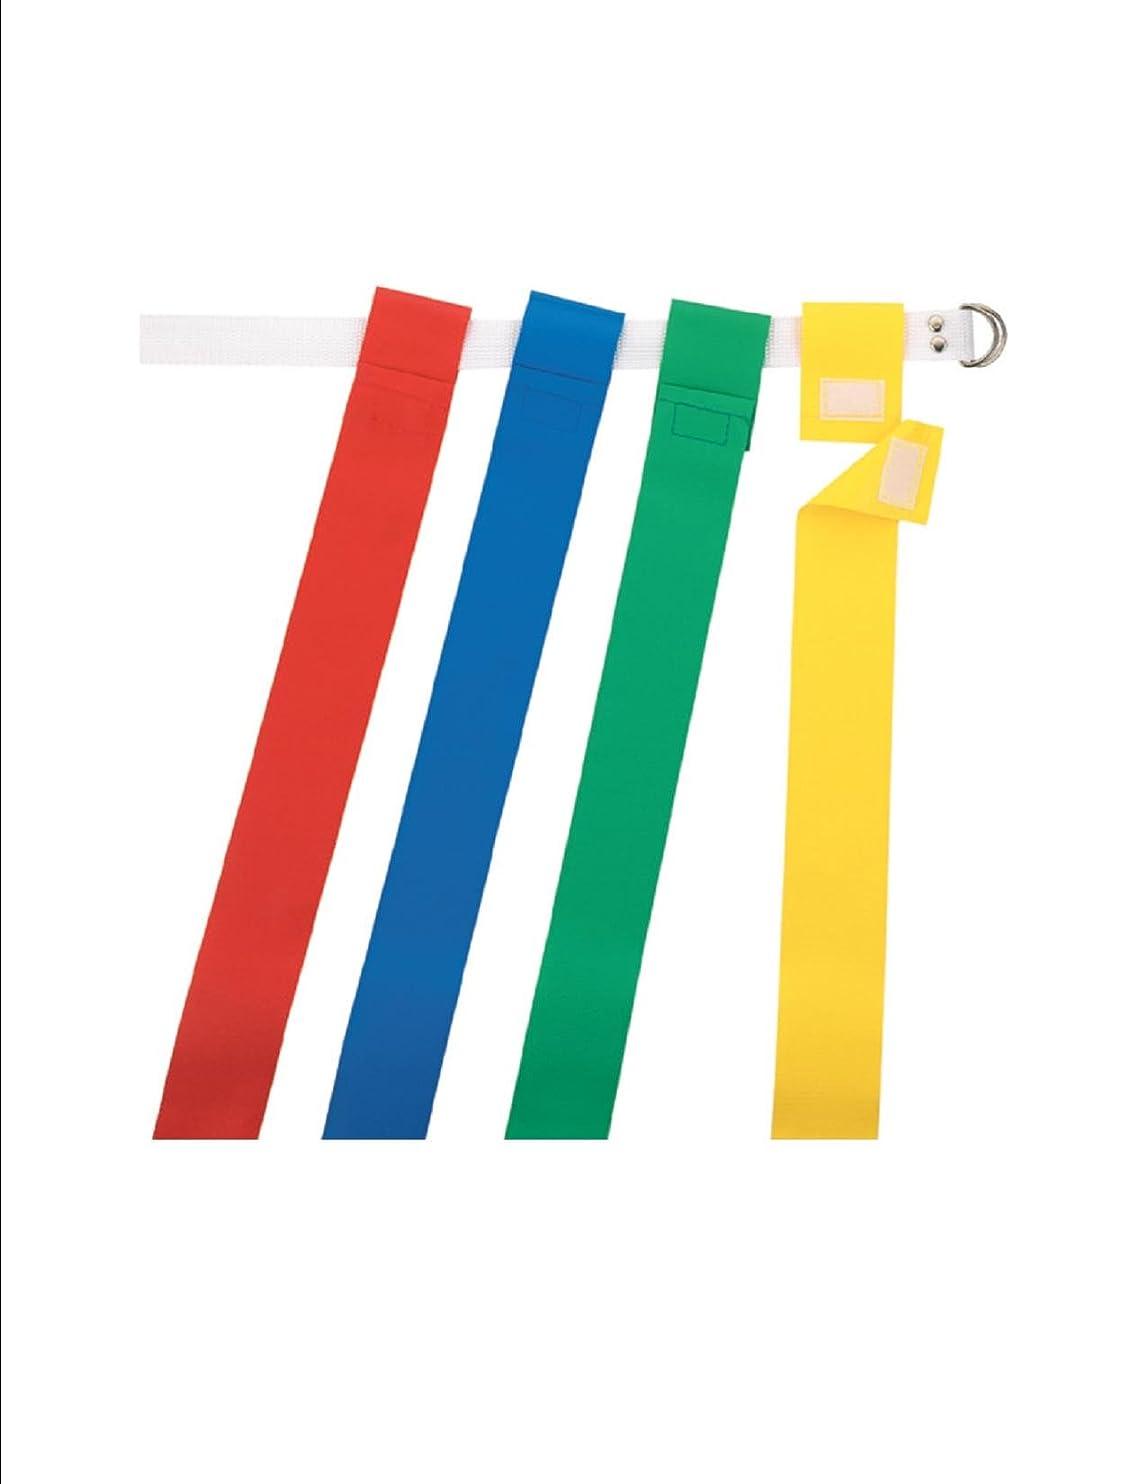 ジョガー思い出す押し下げる新しいMartinダース12?OSFA Flag Football Web Belts、2?Tear Away AttachedフラグBlu -